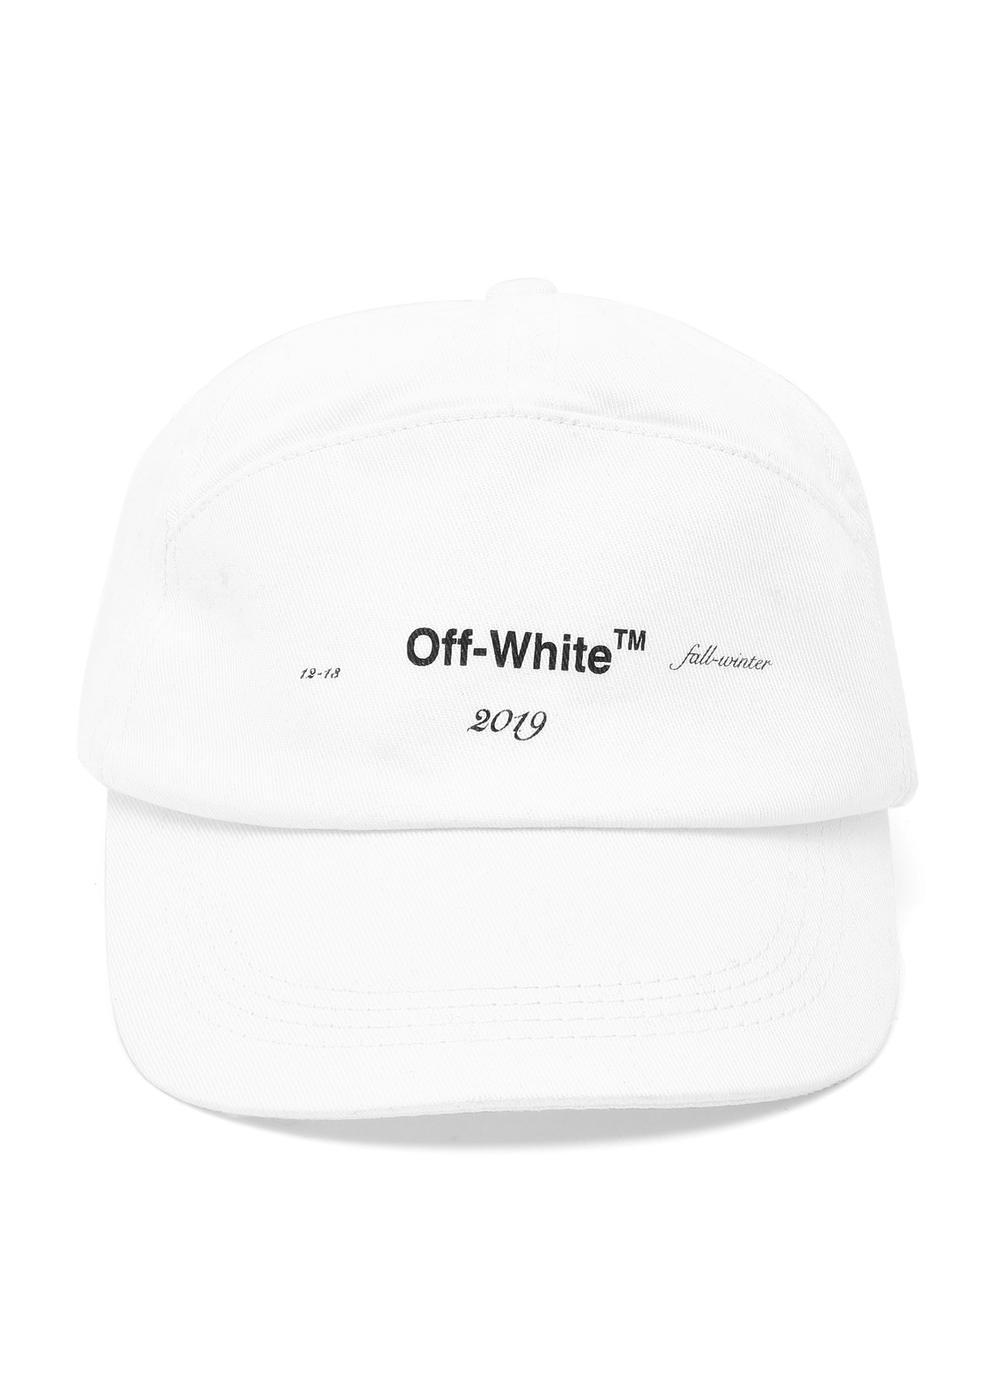 Moda Operandi product